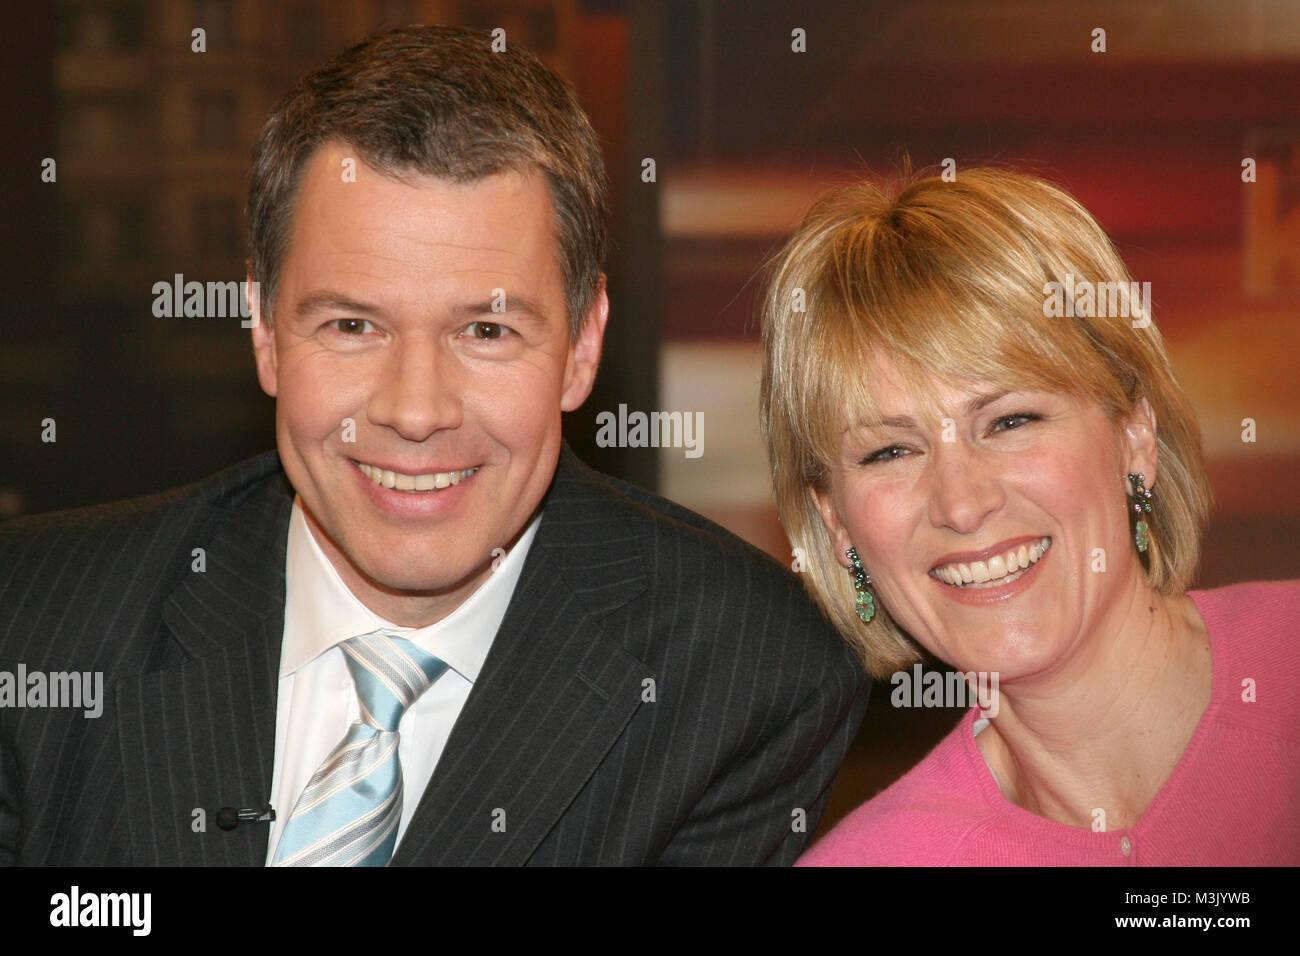 Johannes B Kerner Show Hamburg 10042008 Zu Gast Moderator Und